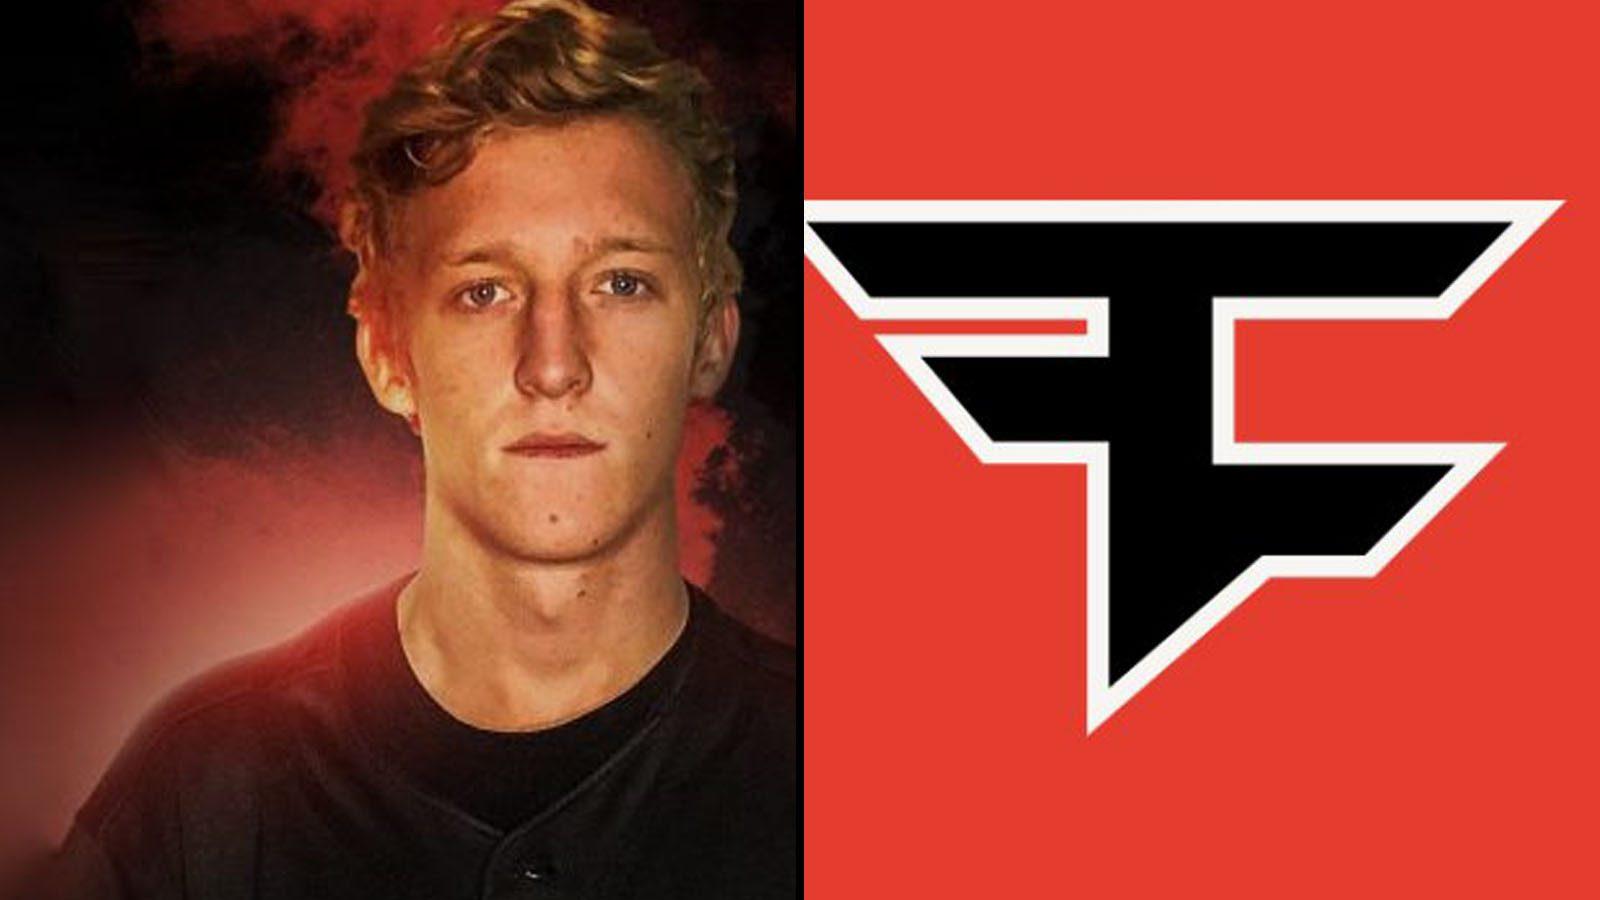 El contrato entre Tfue y FaZe Clan ha sido filtrado